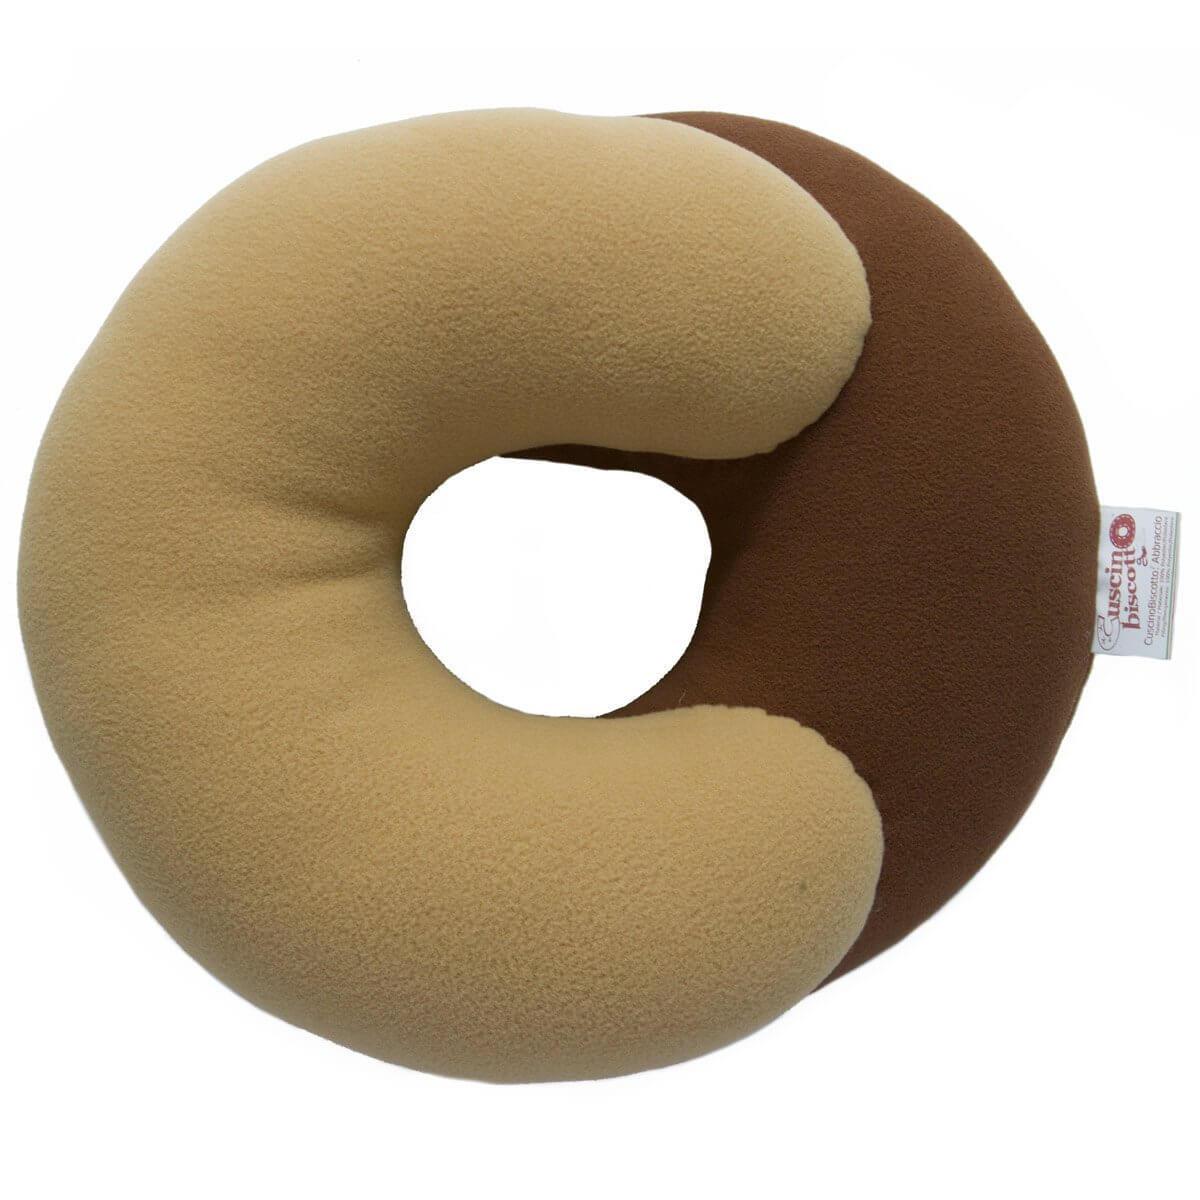 Cuscini Biscotto Mulino Bianco.Cuscini A Biscotto Abbraccio Homehome